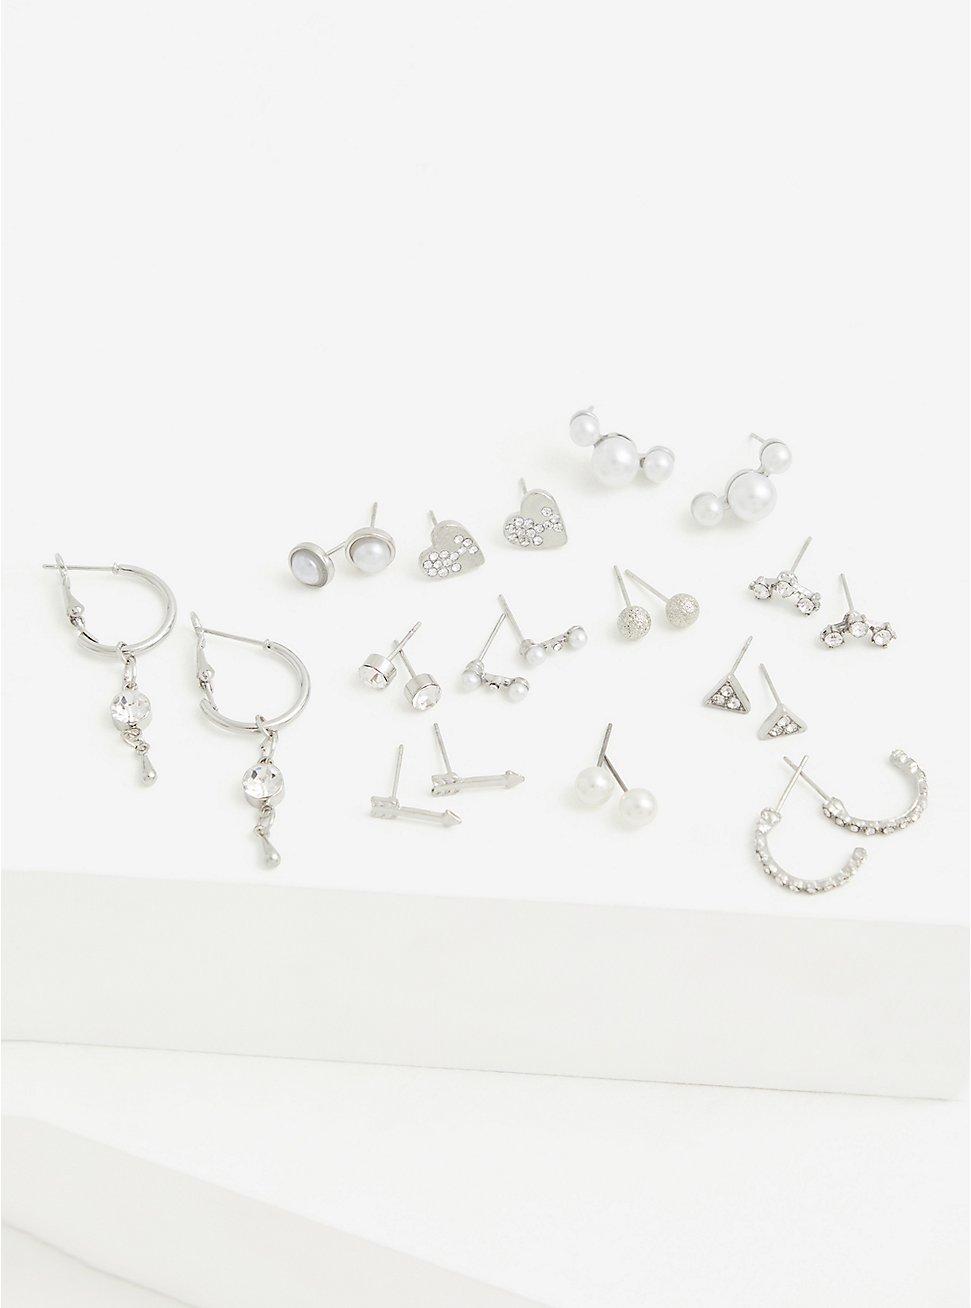 Silver-Tone Heart Stud & Huggie Hoop Earrings Set - Set of 12, , hi-res